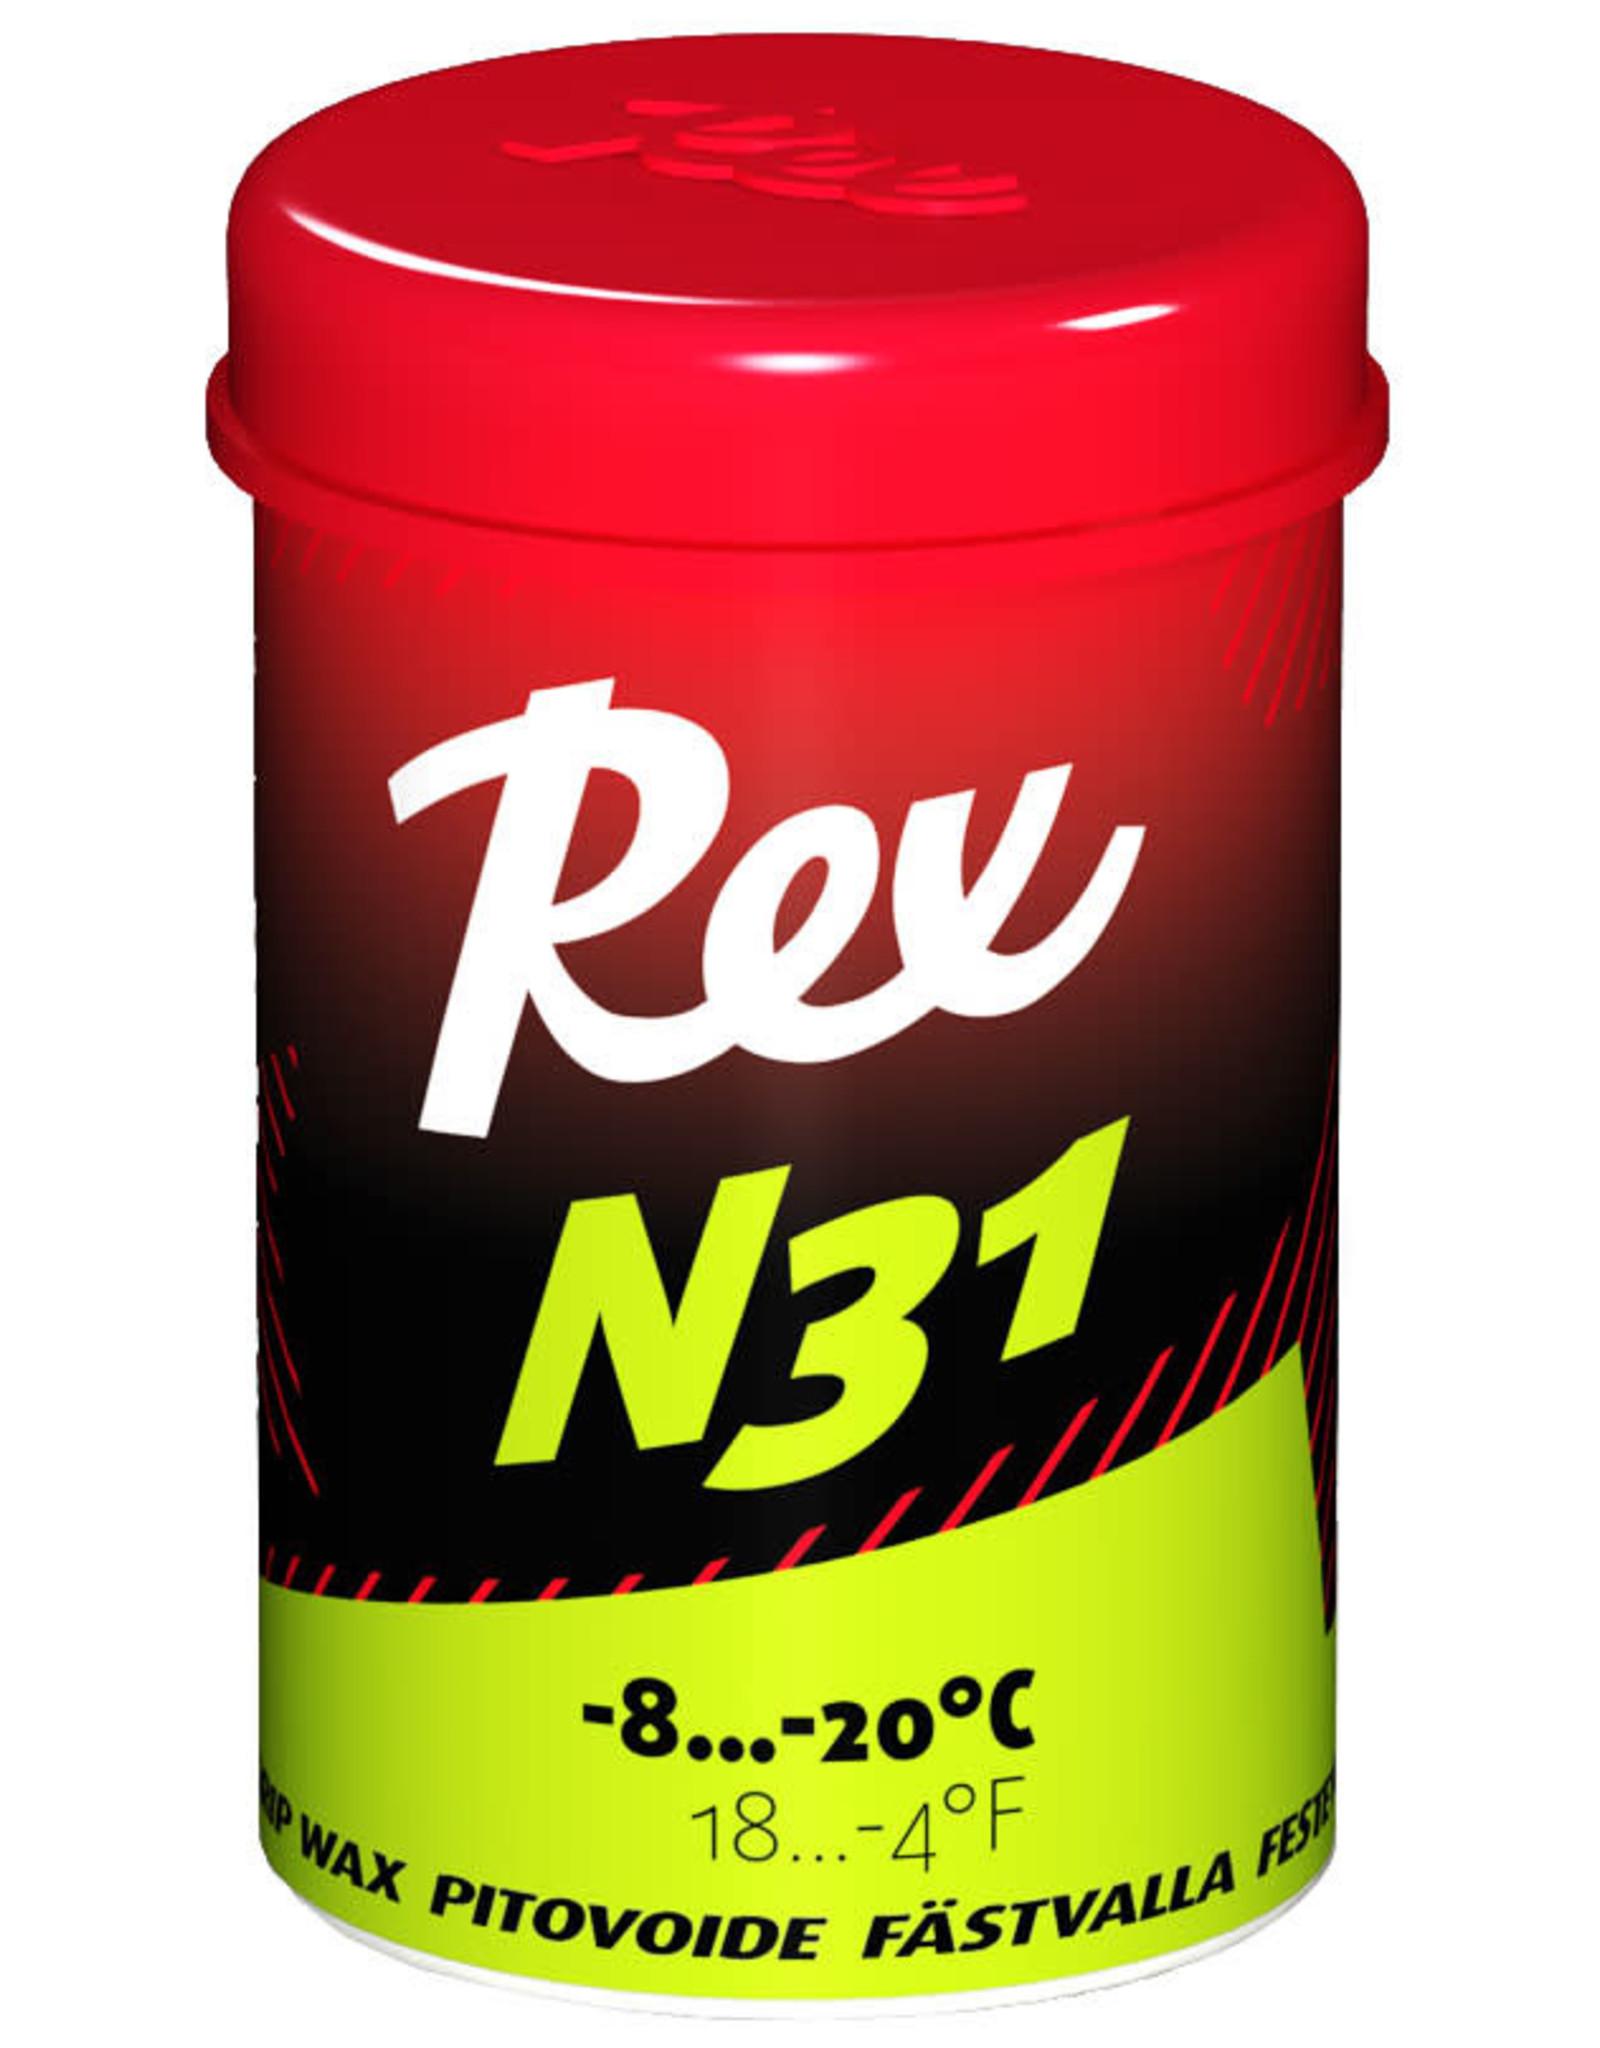 Rex Rex Kick N31 Green